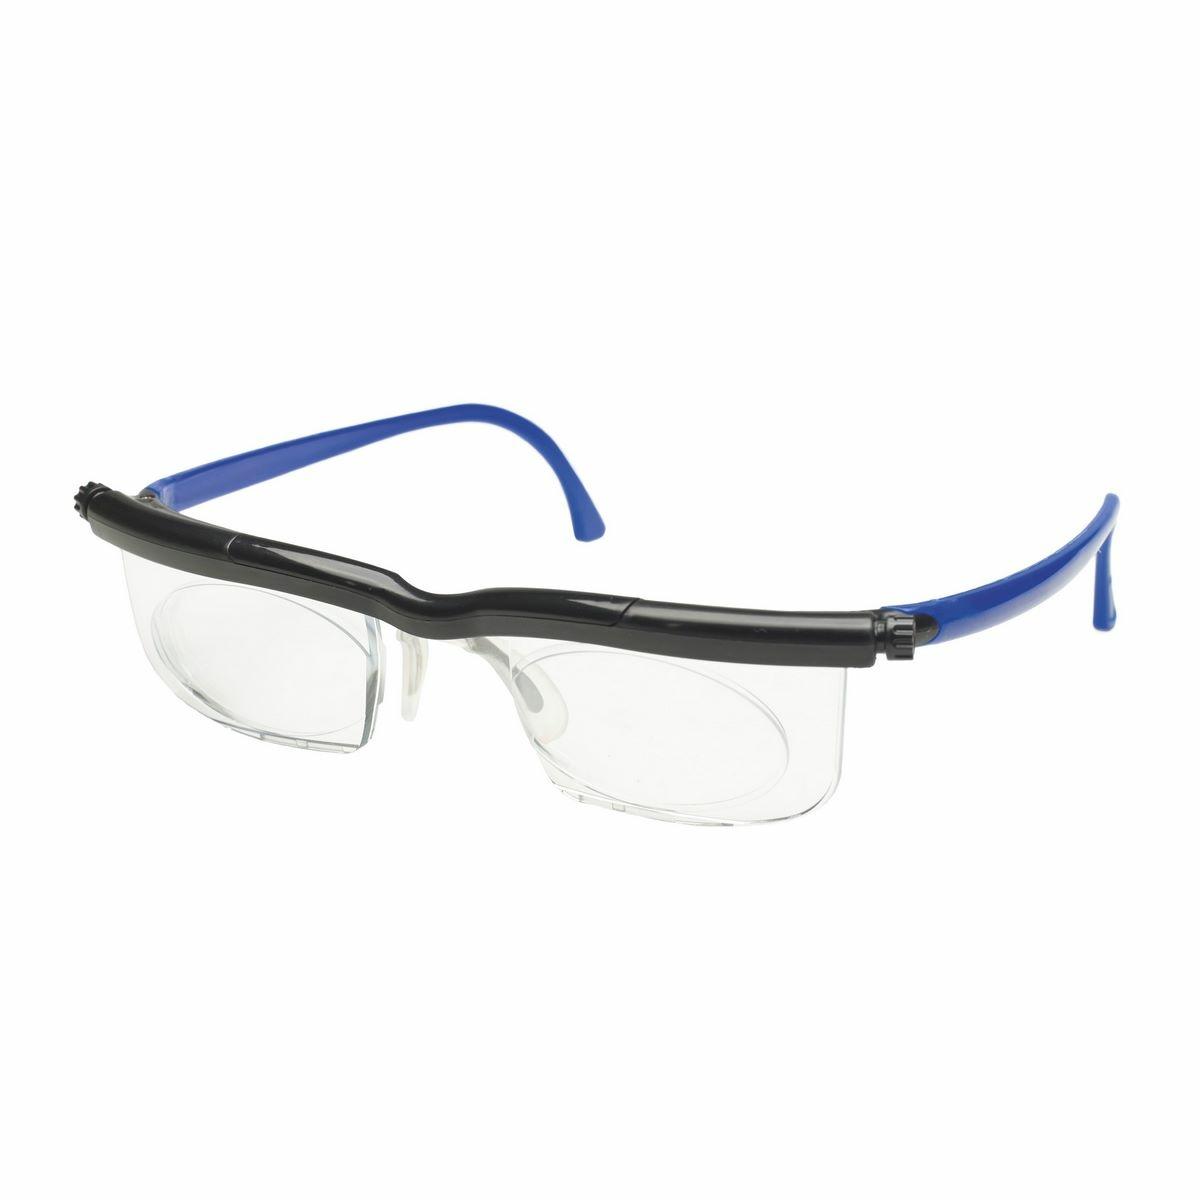 Nastavitelné dioptrické brýle Adlens, modrá